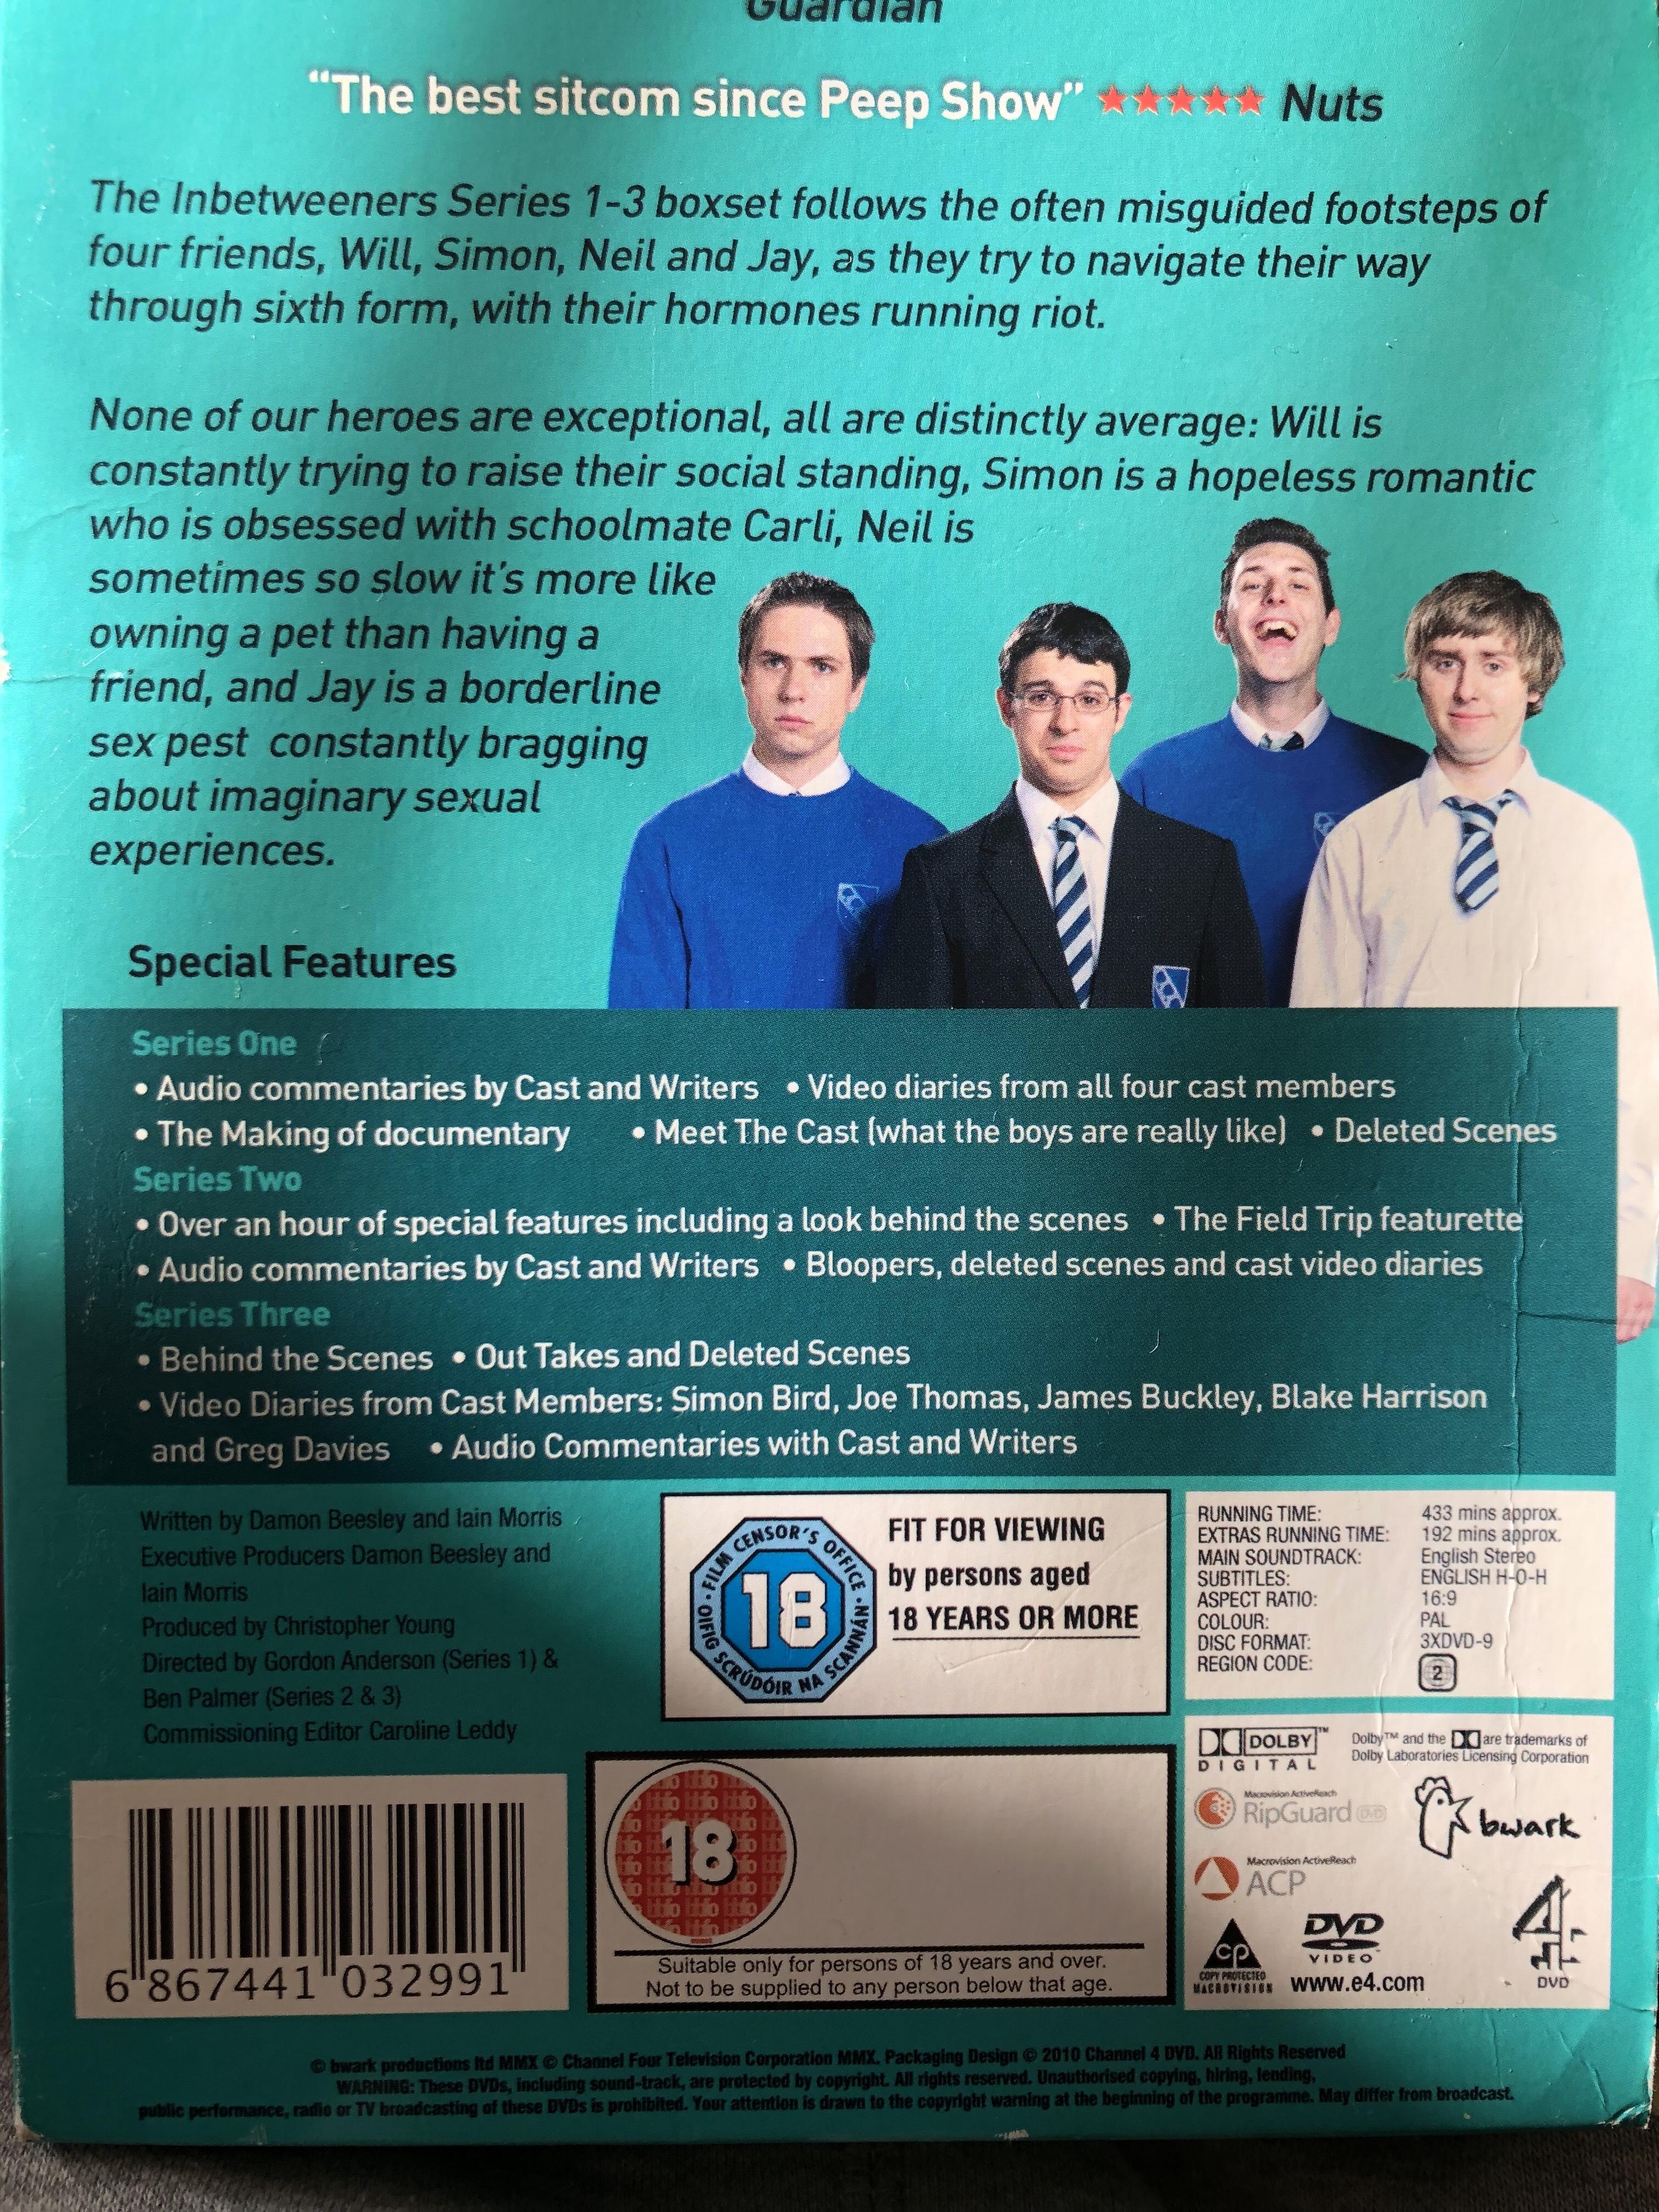 The Inbetweeners Series 1-3 Box Set (DVD) [Pre-owned